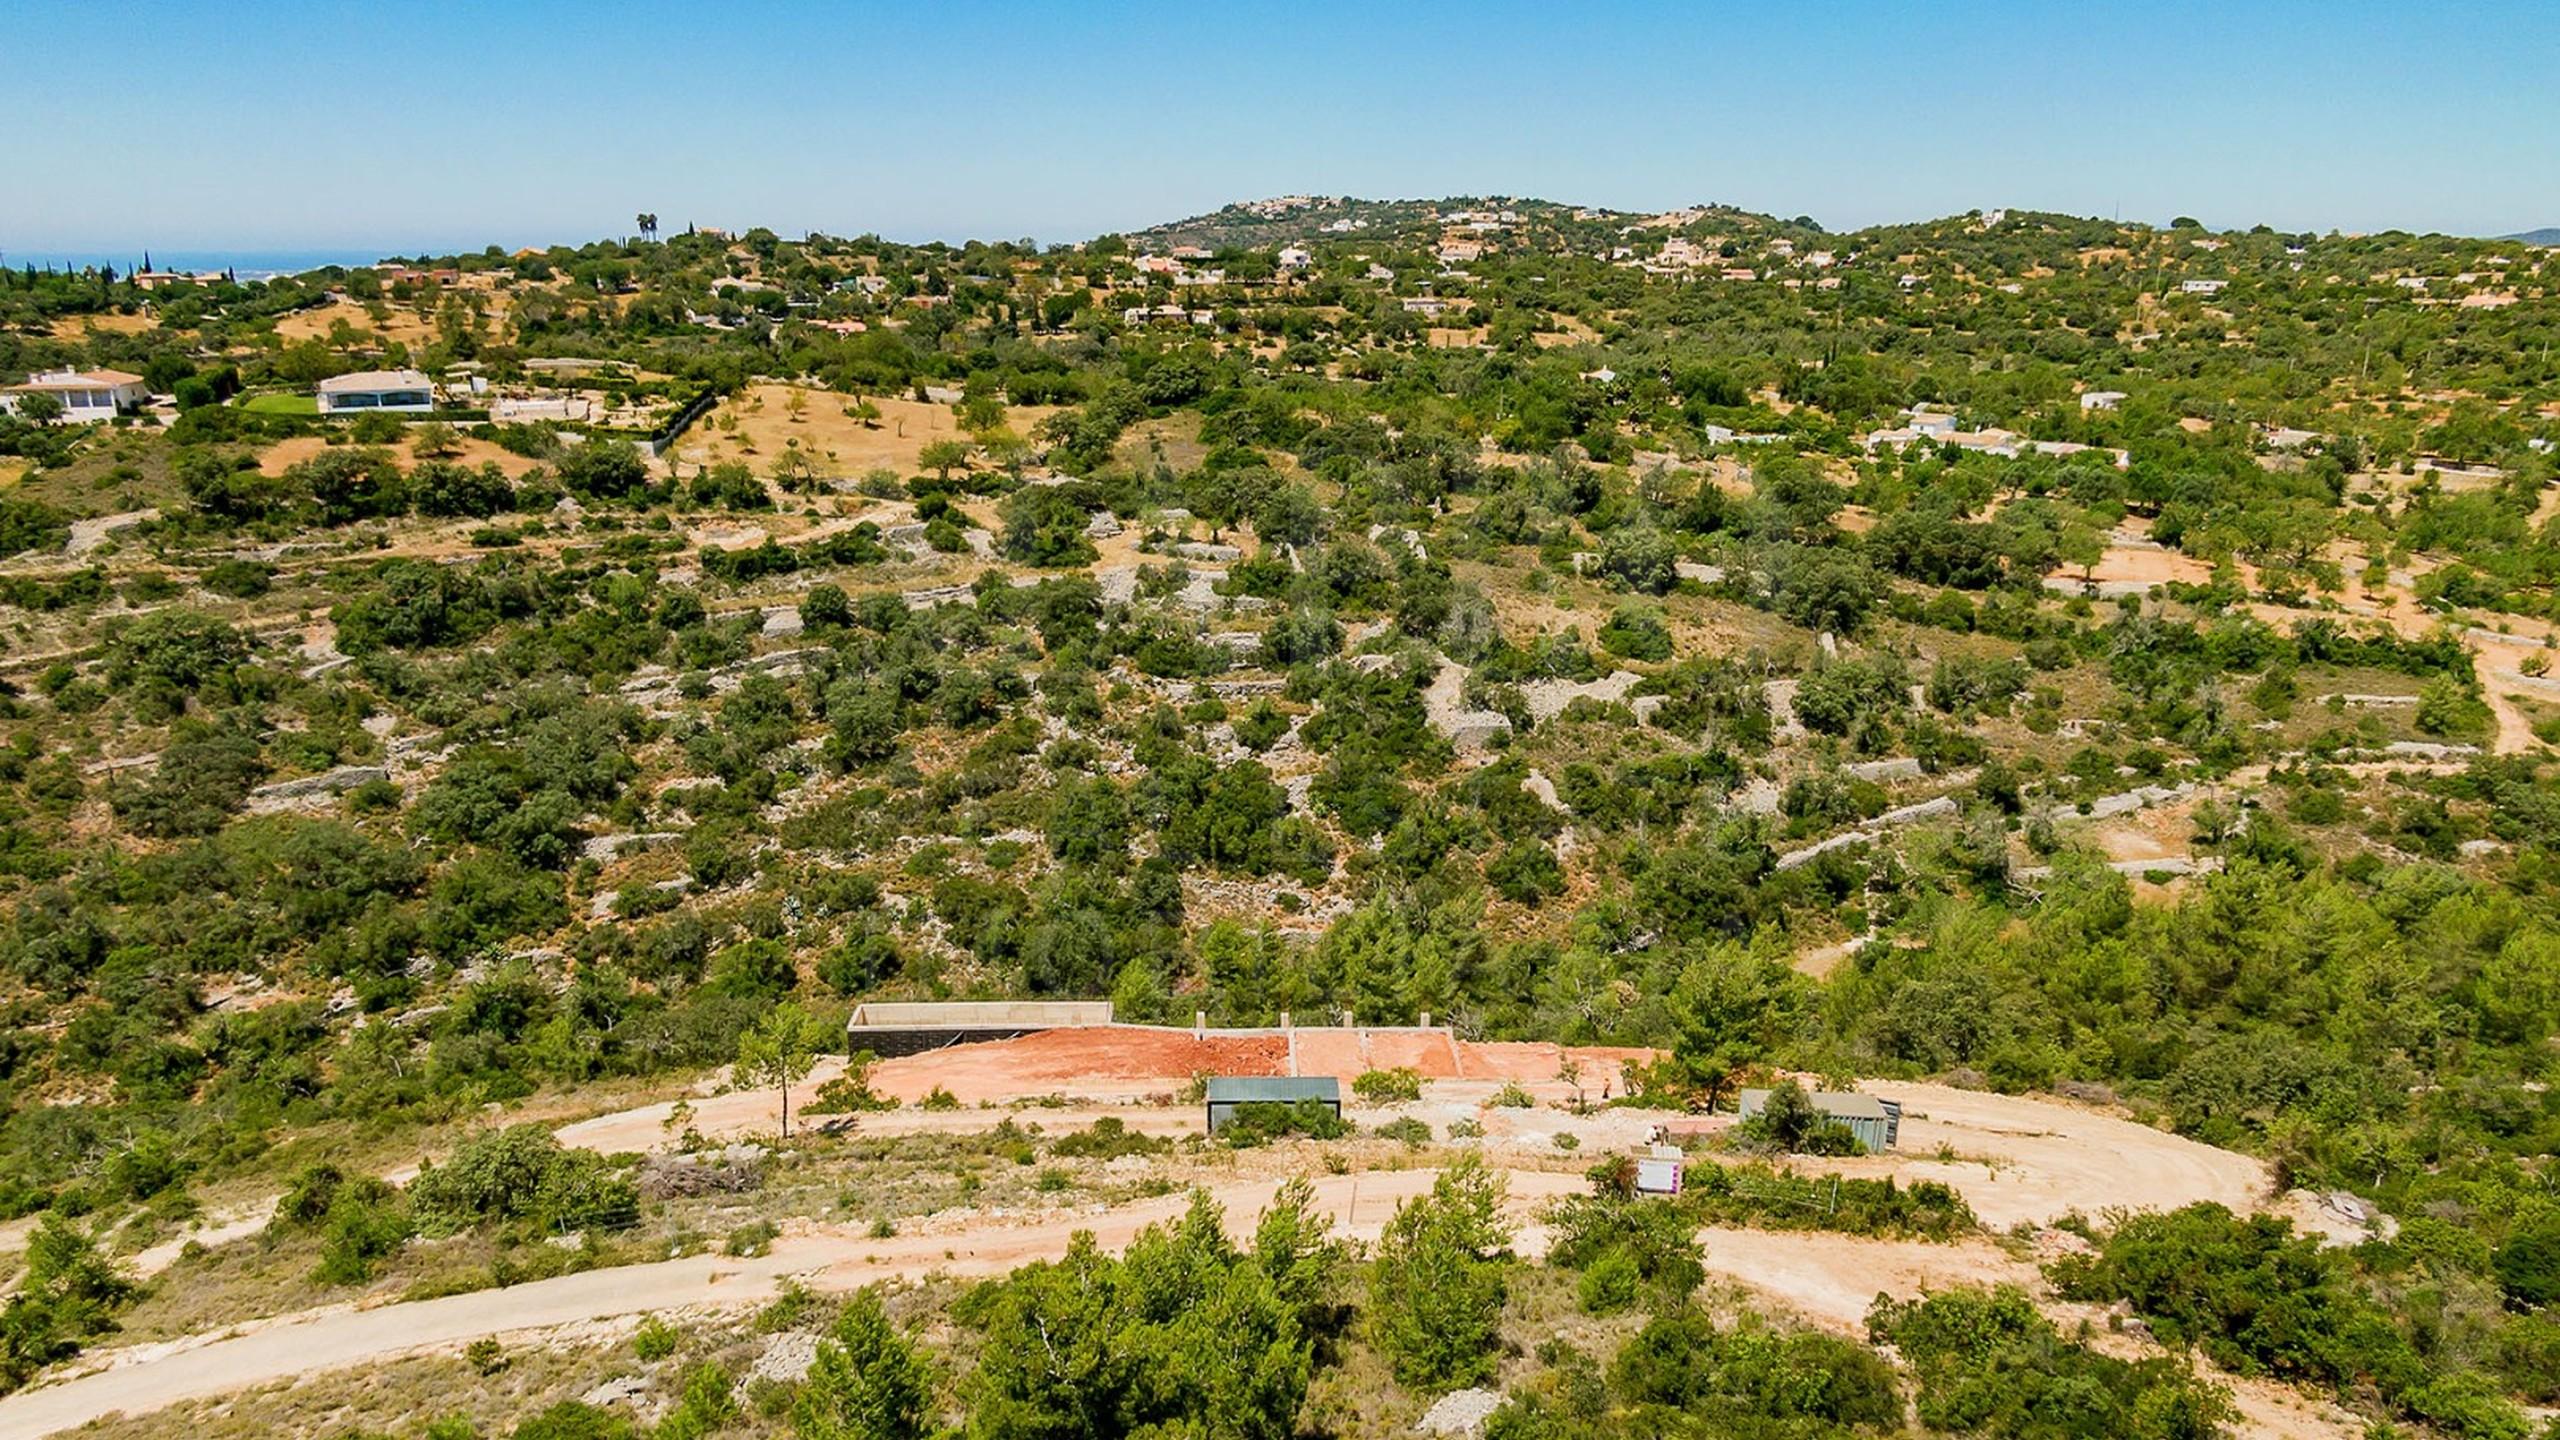 Moradia para venda no campo no Algarve, Portugal